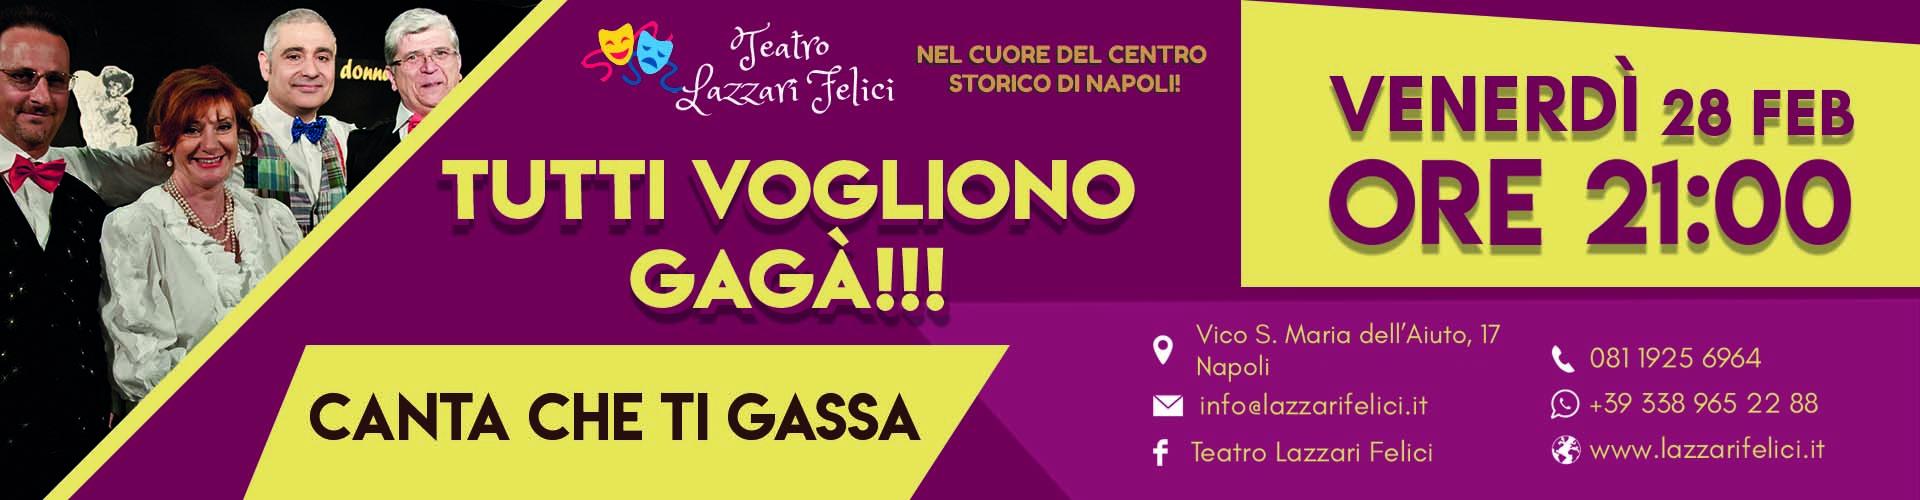 Spettacolo musical teatrale Venerdì 28 Febbraio a Napoli